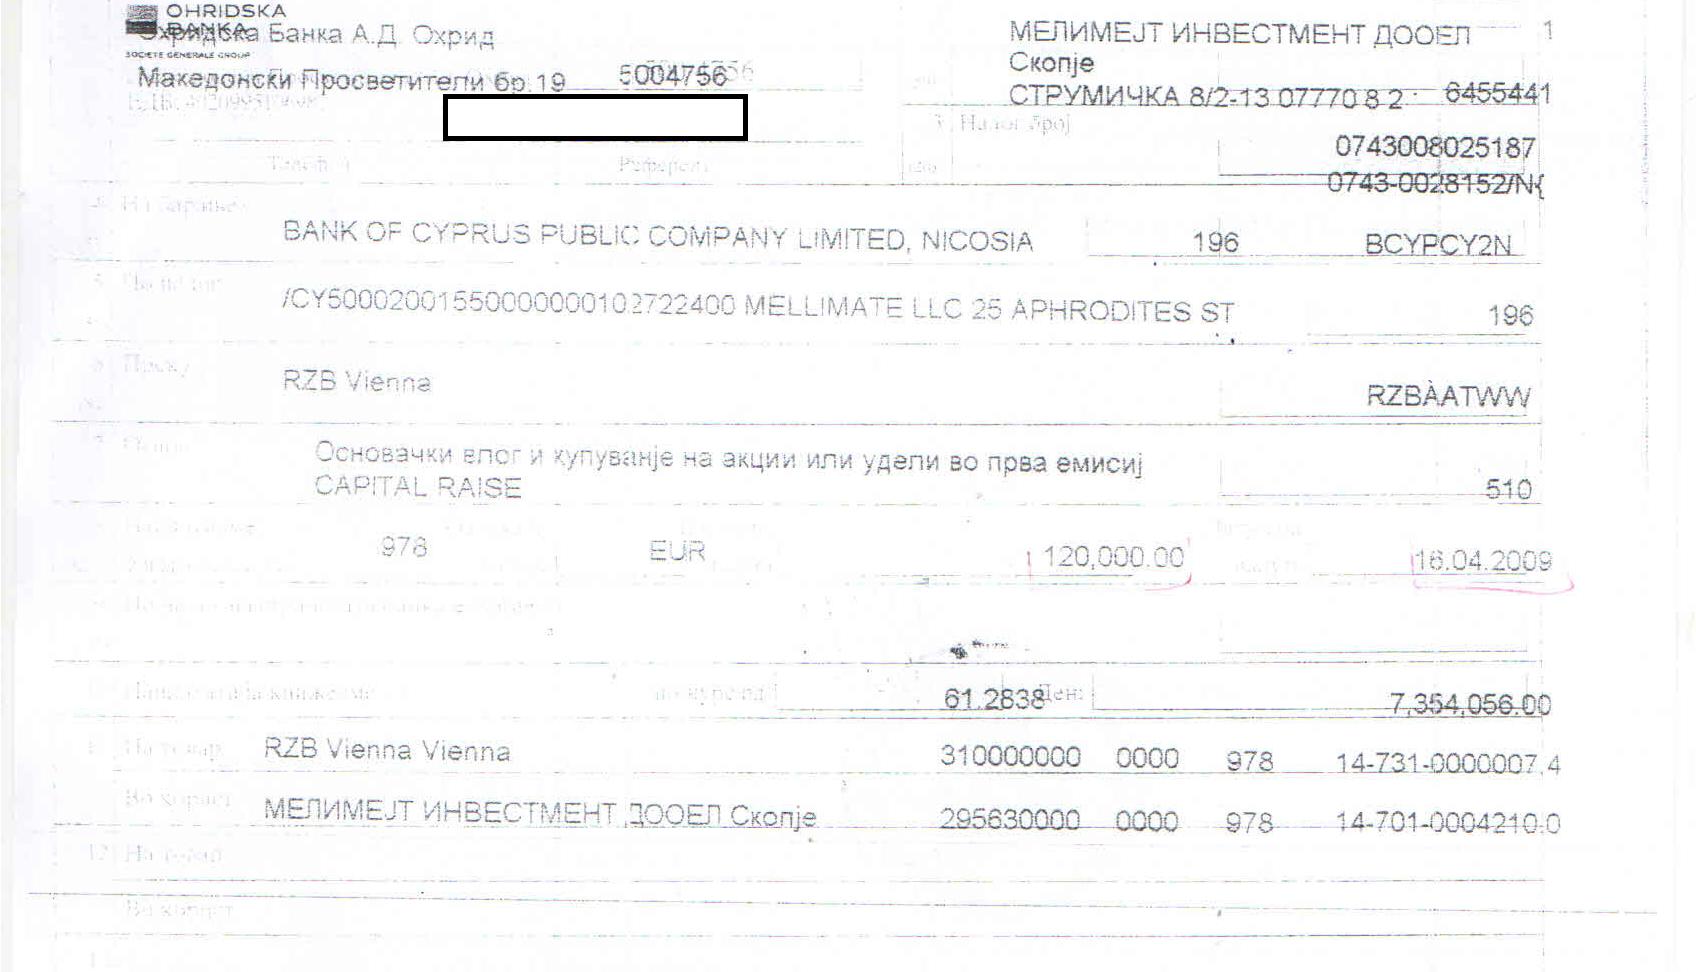 Оснивачки влог со пари од Кипар